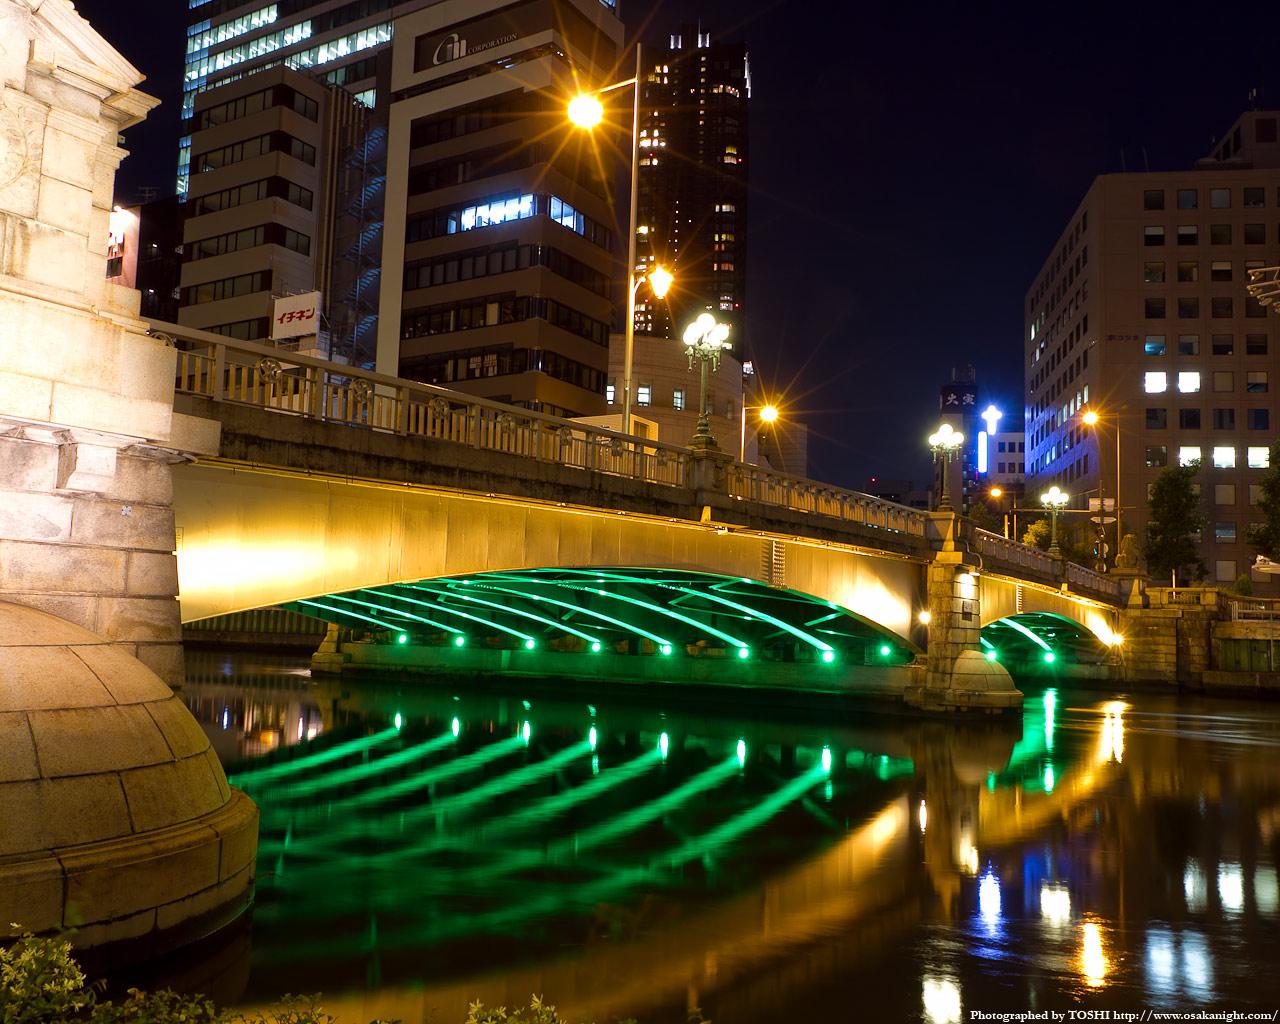 難波橋のライトアップ夜景4